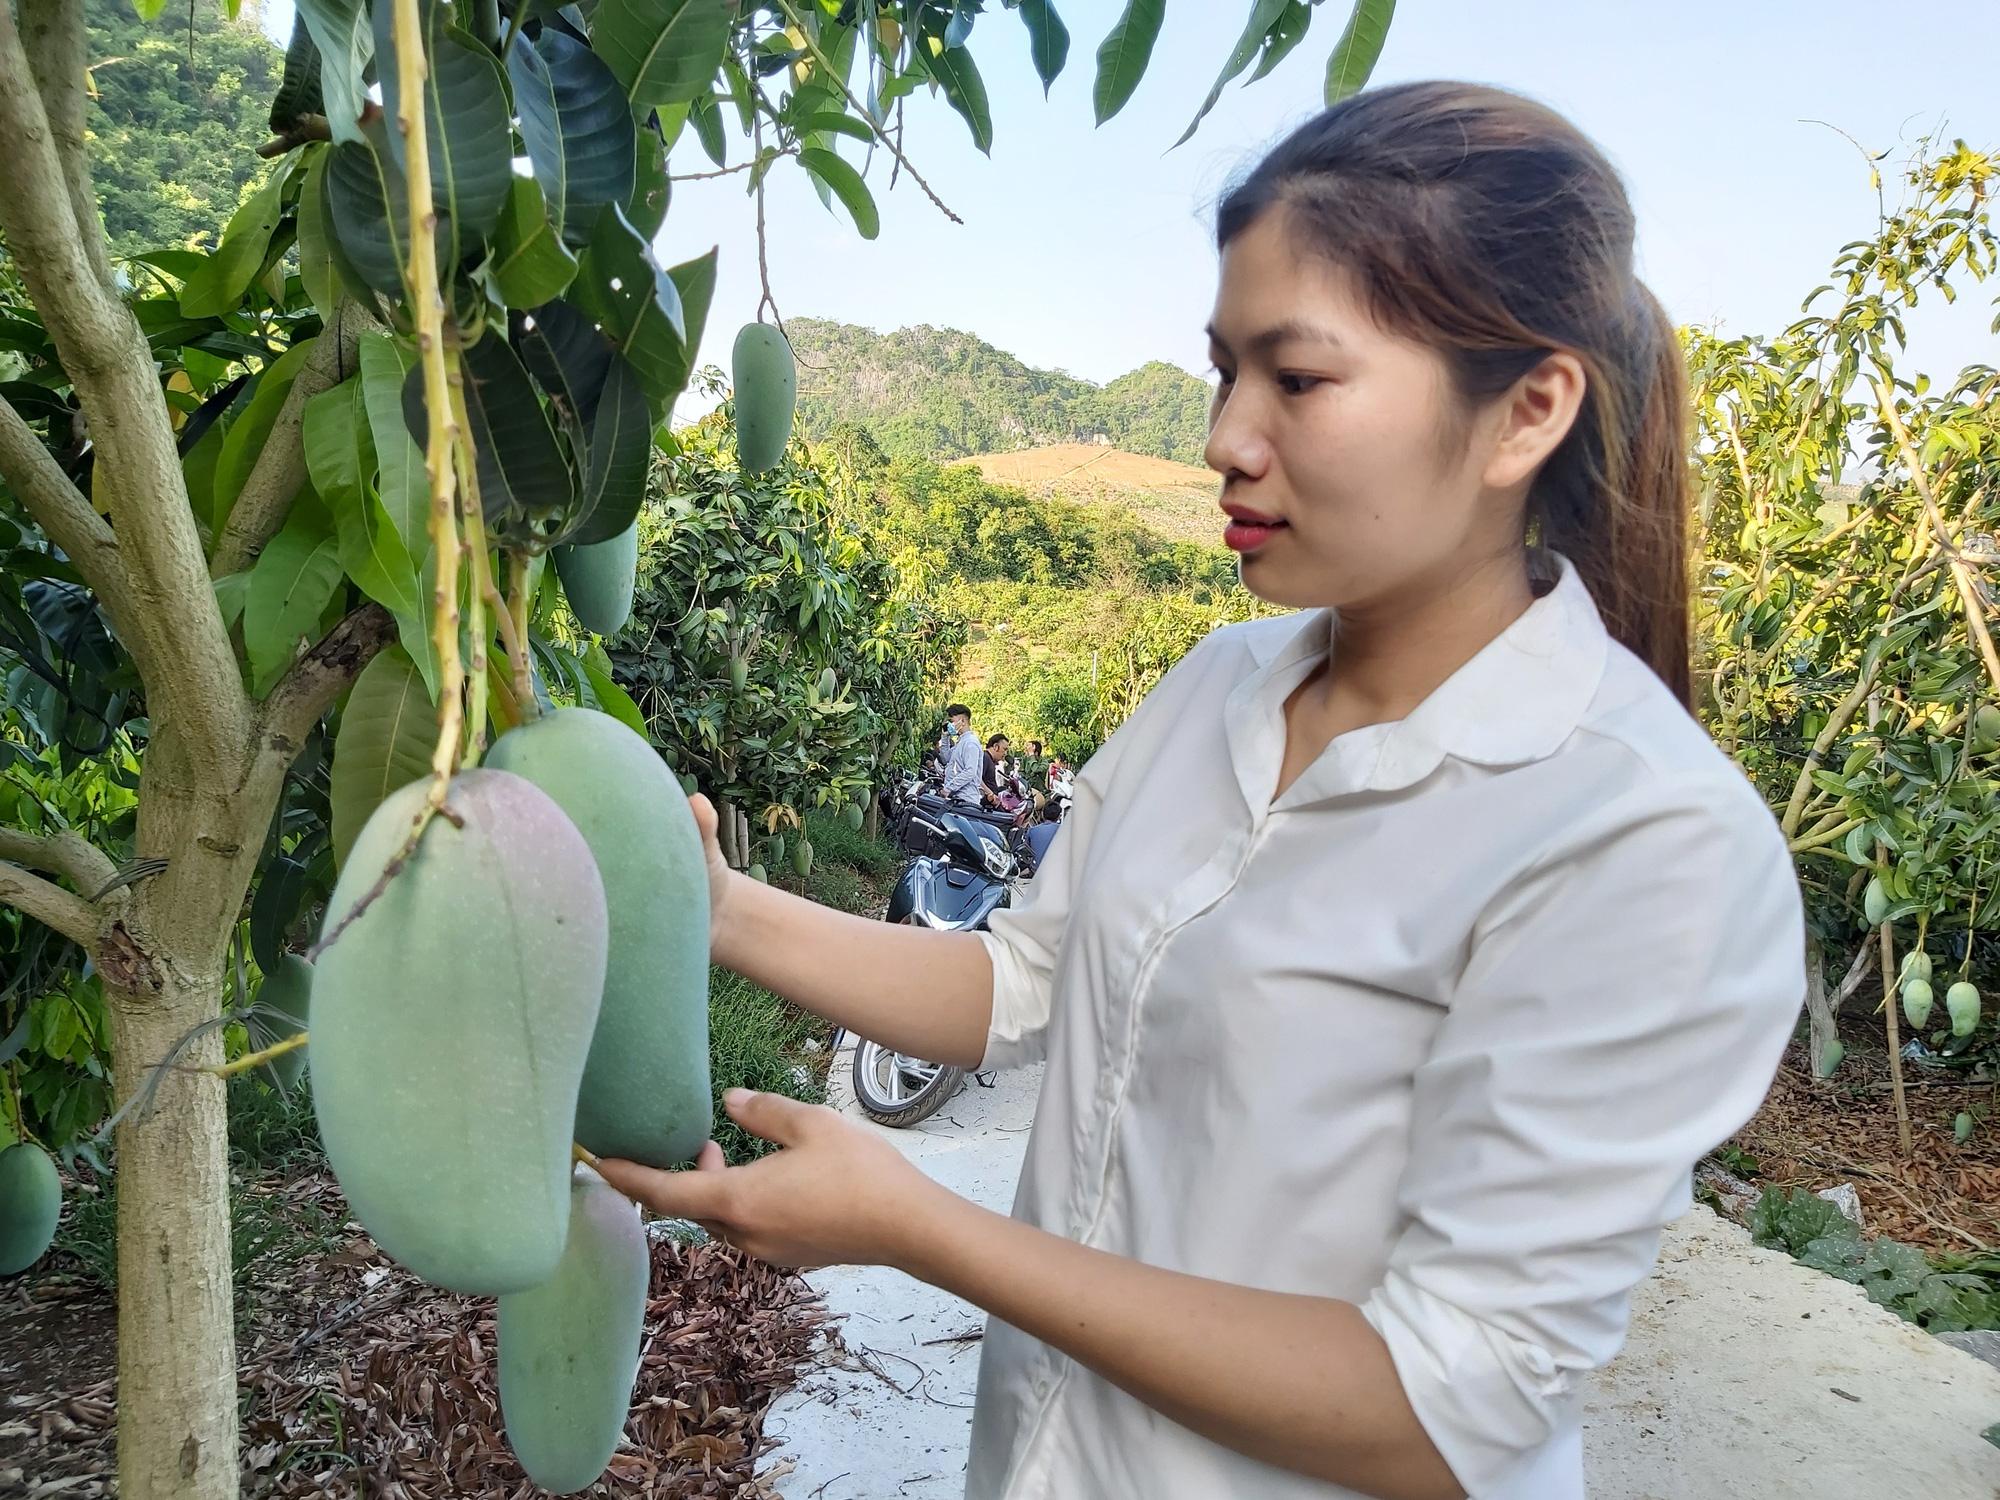 """Sơn La: """"Cầm tay chỉ việc"""" trong sử dụng thuốc BVTV, dân thu tiền tỷ từ cây xoài - Ảnh 5."""